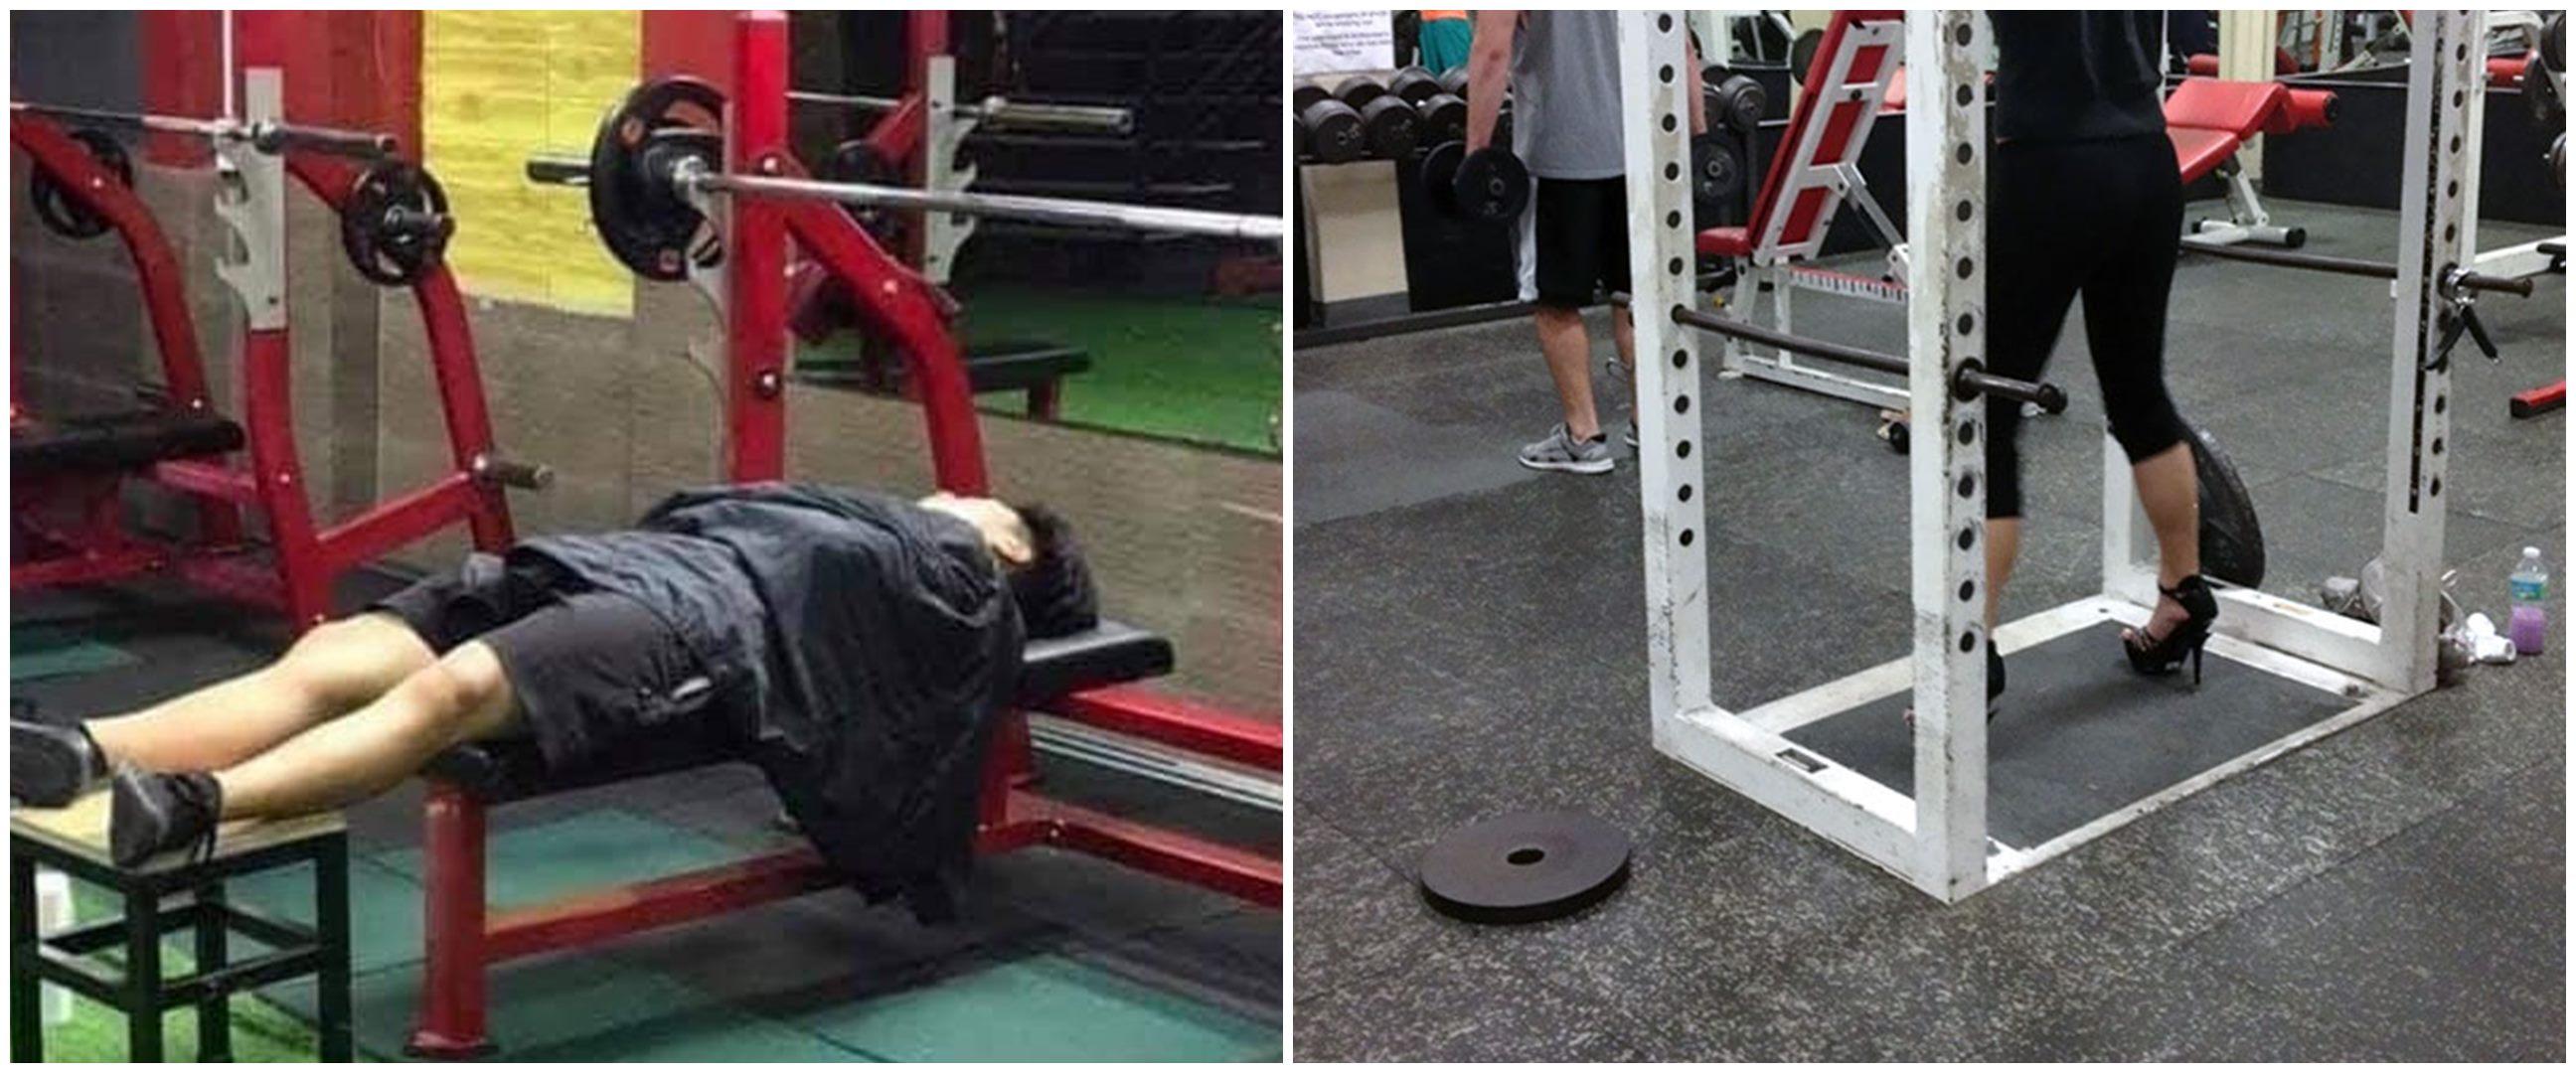 10 Potret santai orang di tempat olahraga, ada yang tidur pulas